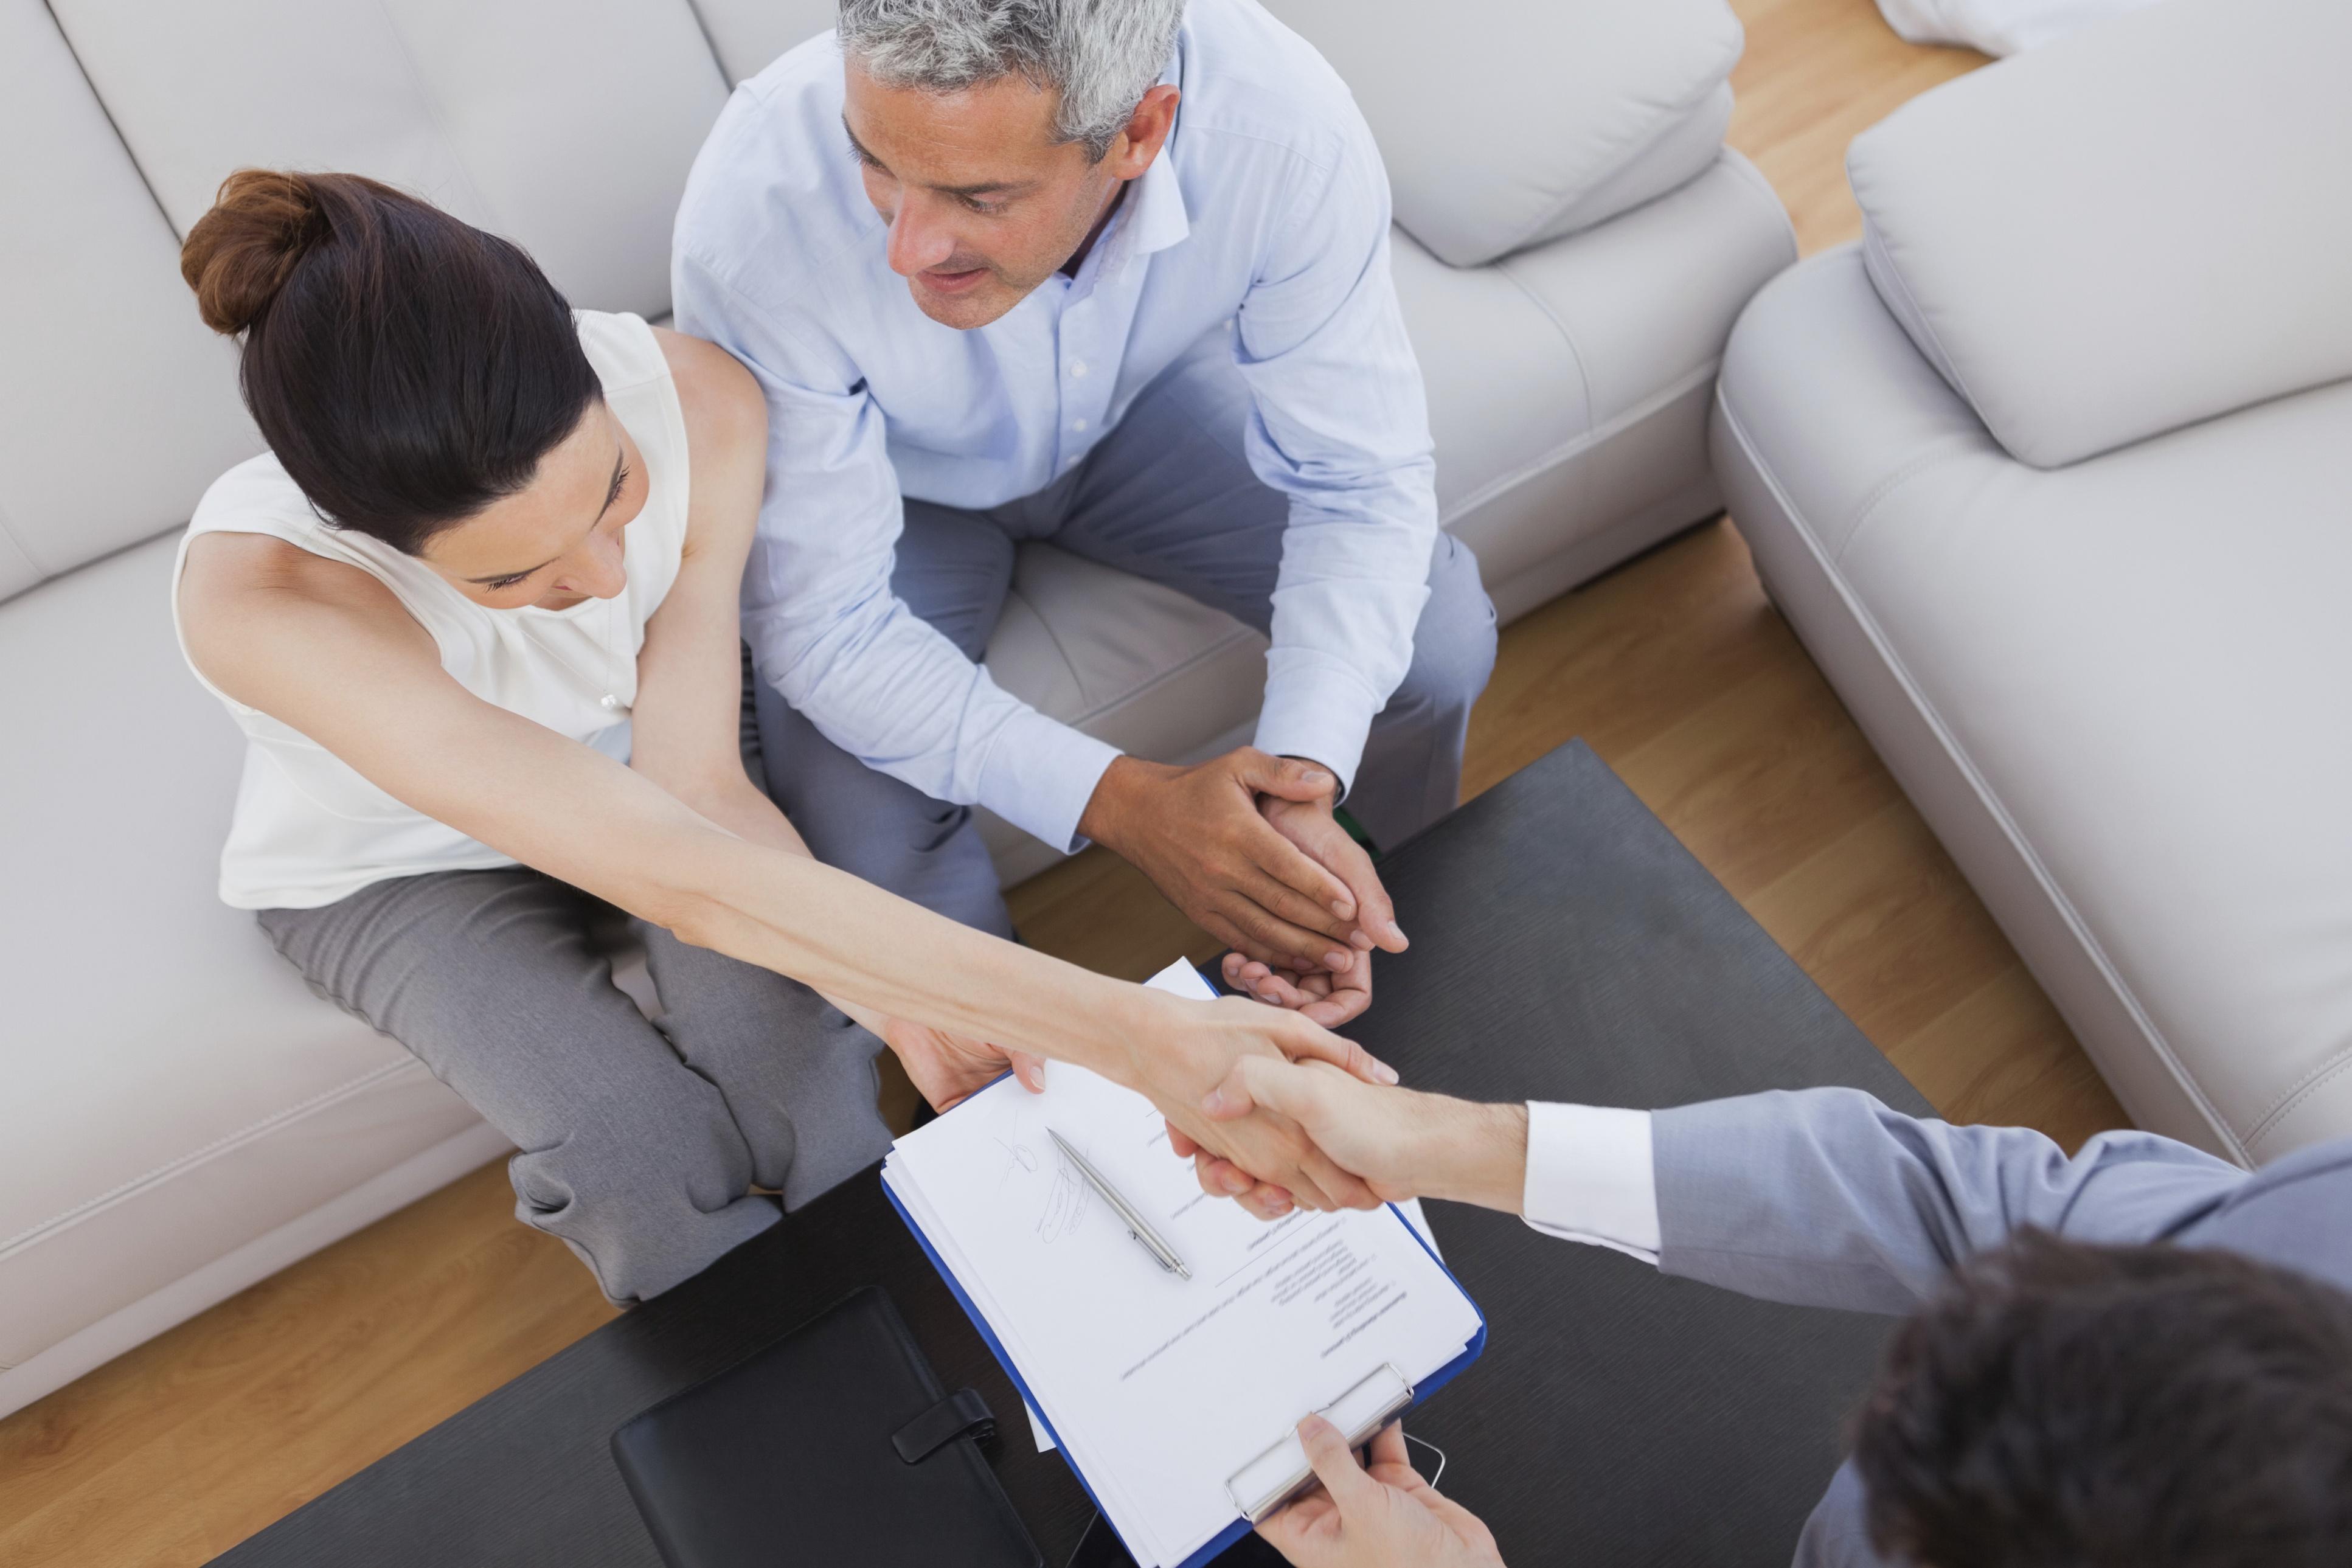 5 Expresiones que debes evitar cuando vayas a cerrar una venta